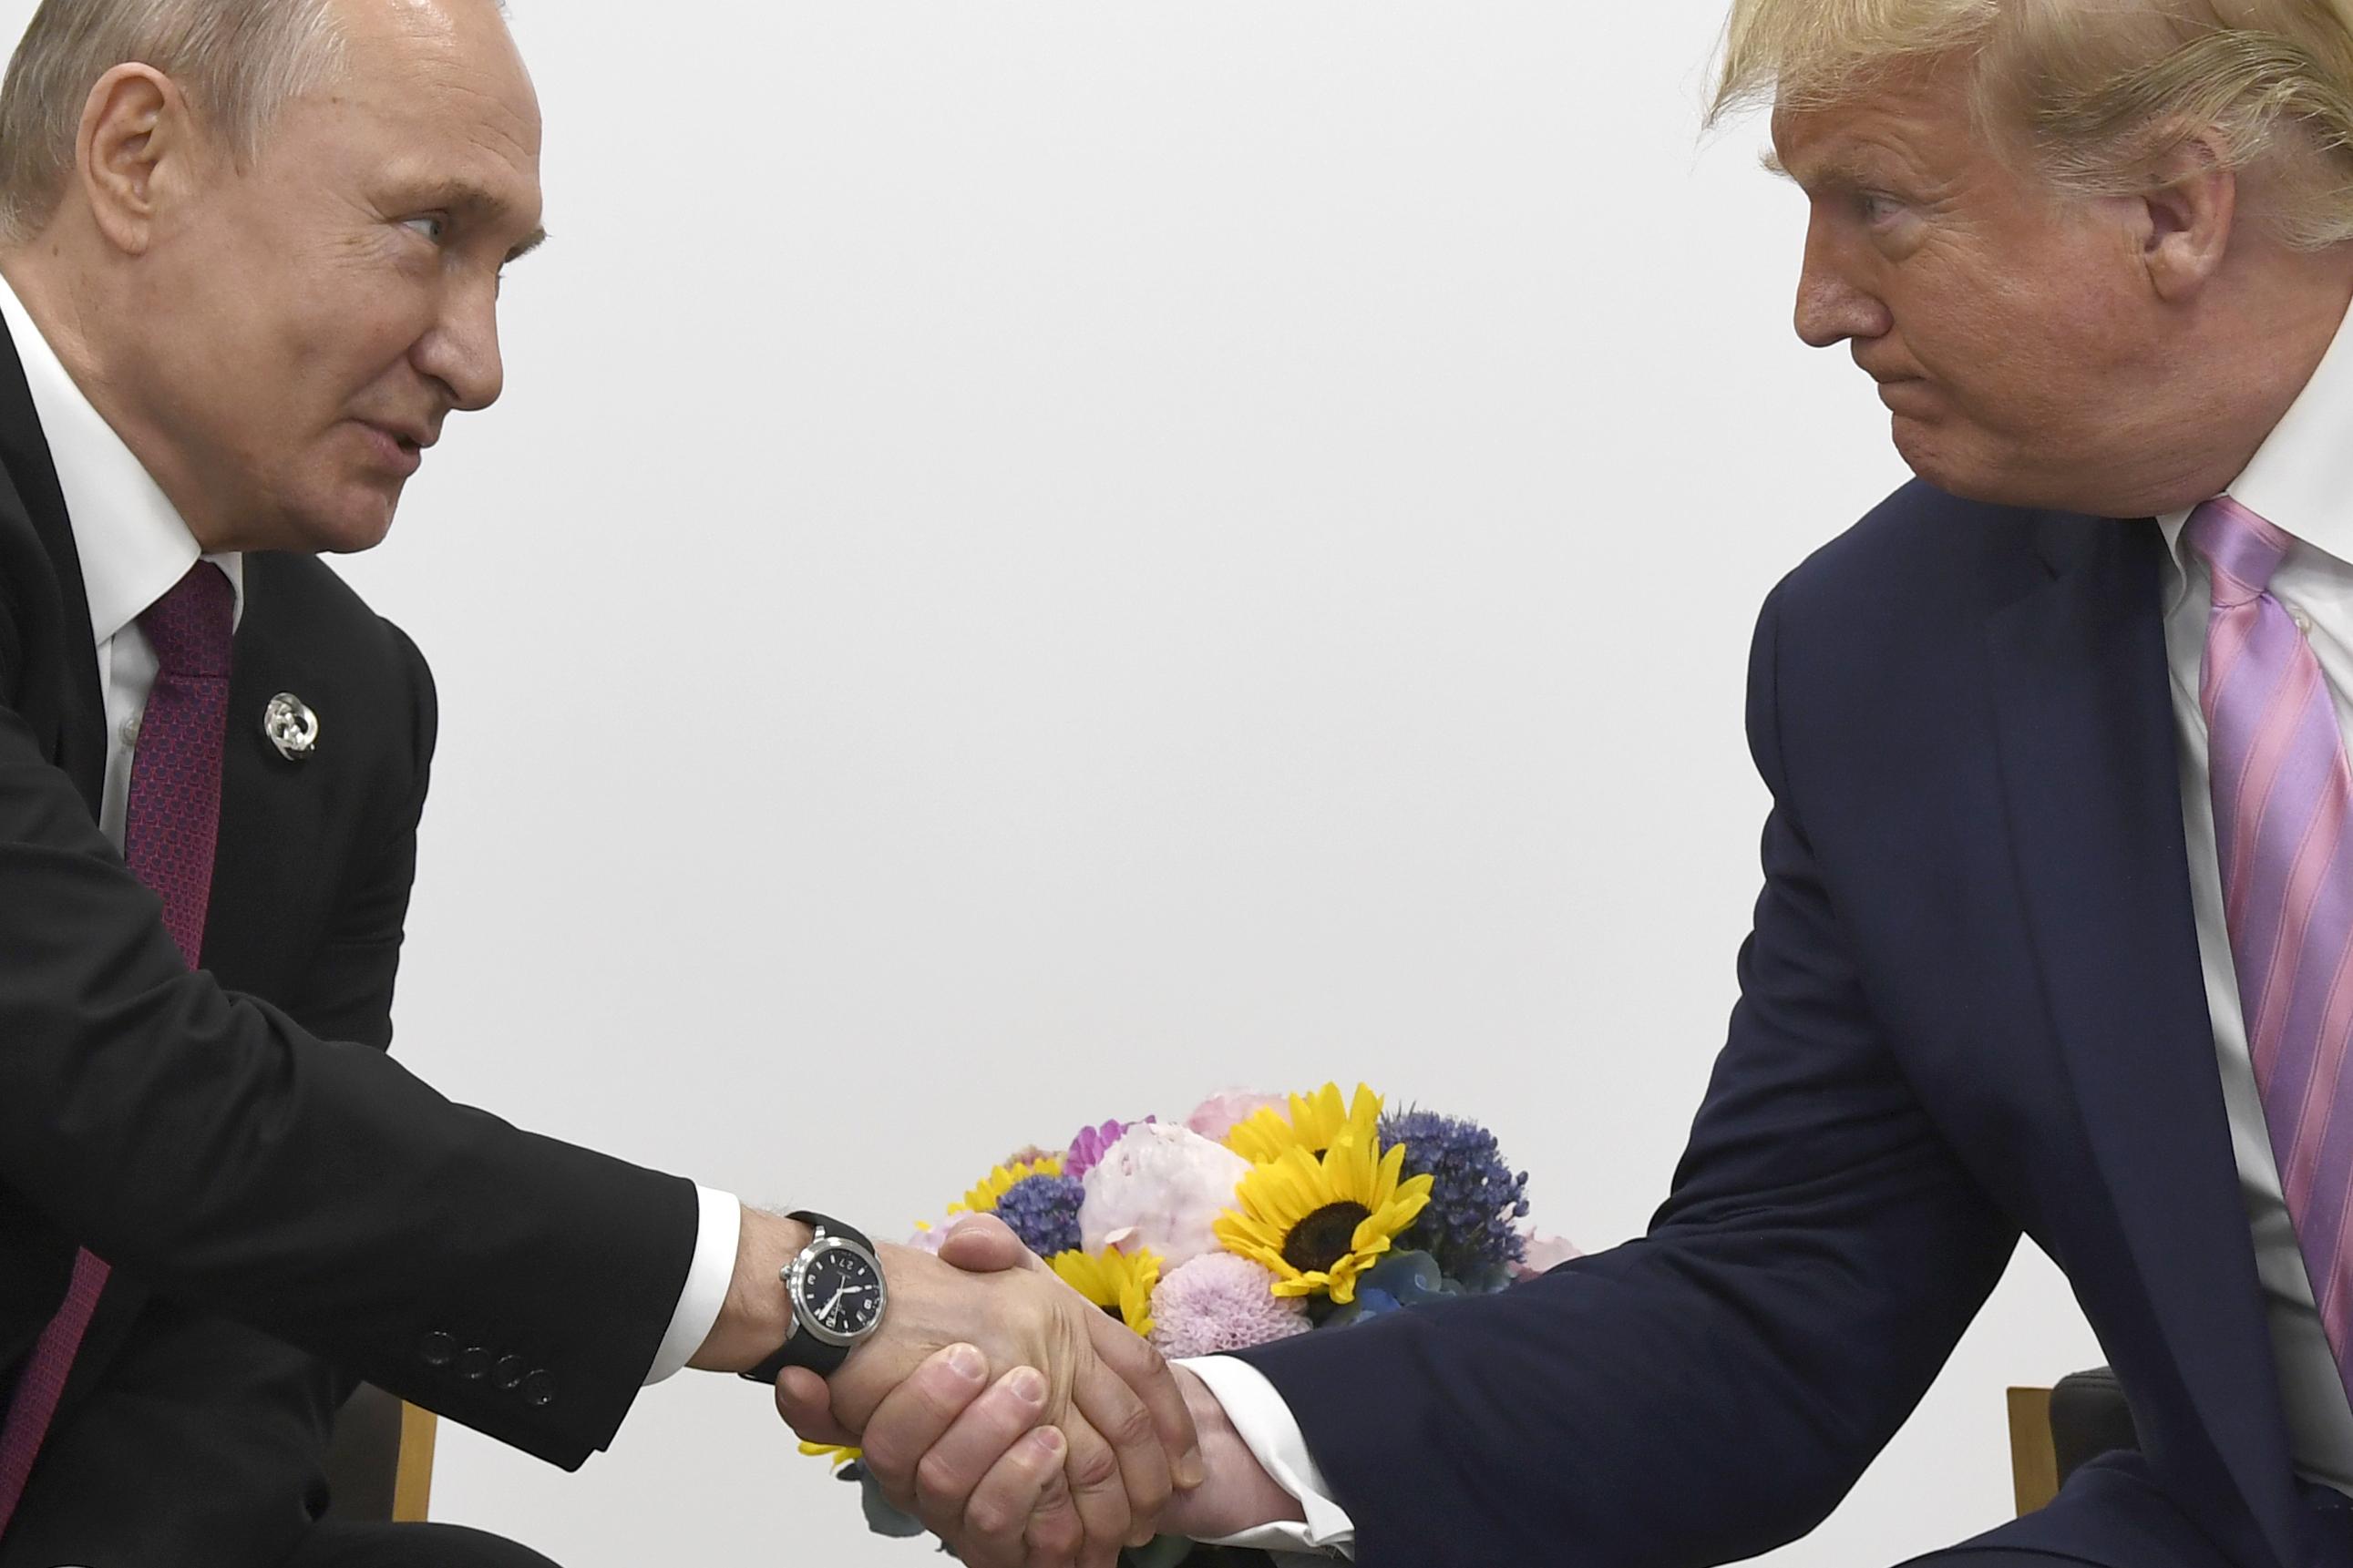 thetiko-klima-sti-synantisi-tramp-poytin-to-chioymor-toy-amerikanoy-proedroy-ston-roso-omologo-toy1